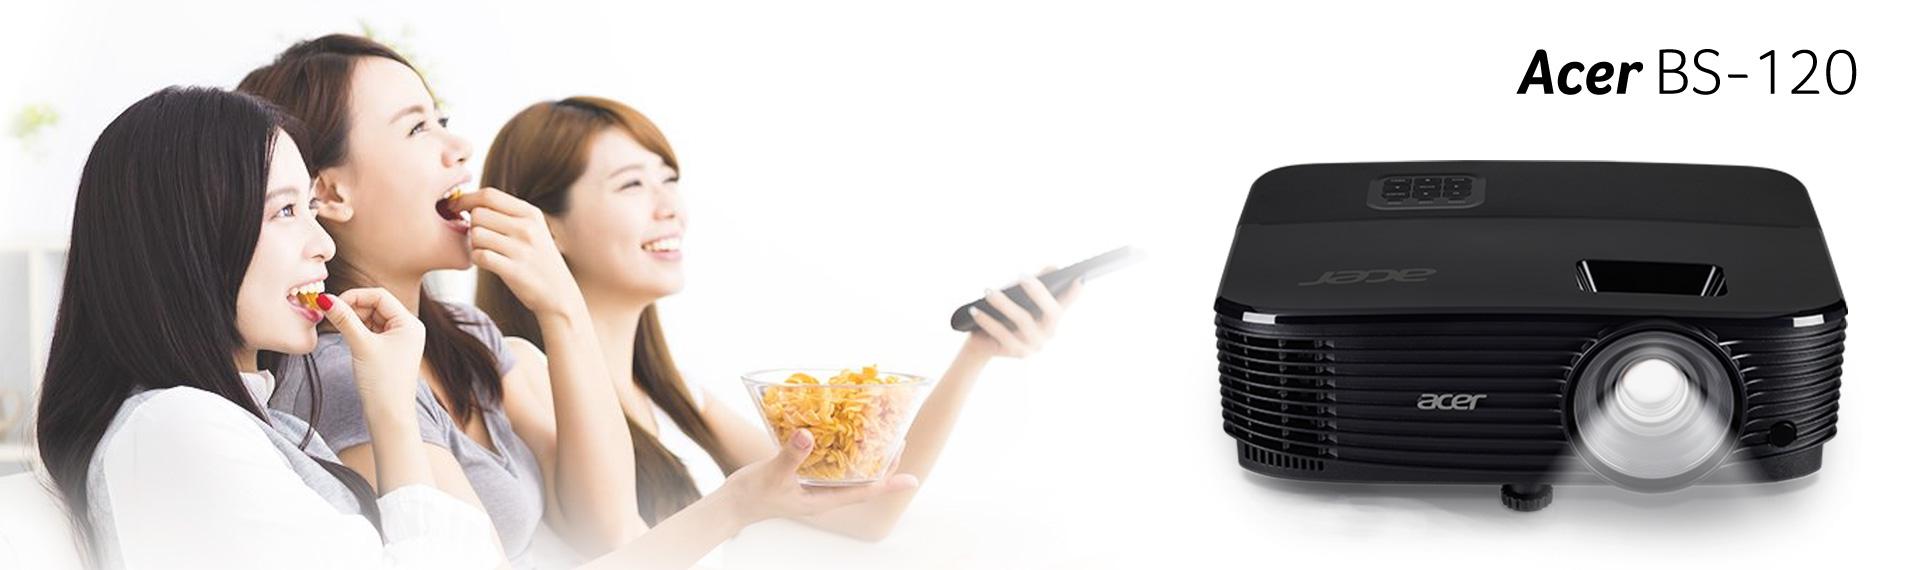 Acer Proyektor BS-120, Mendukung Konten 3D Berkualitas Maksimal